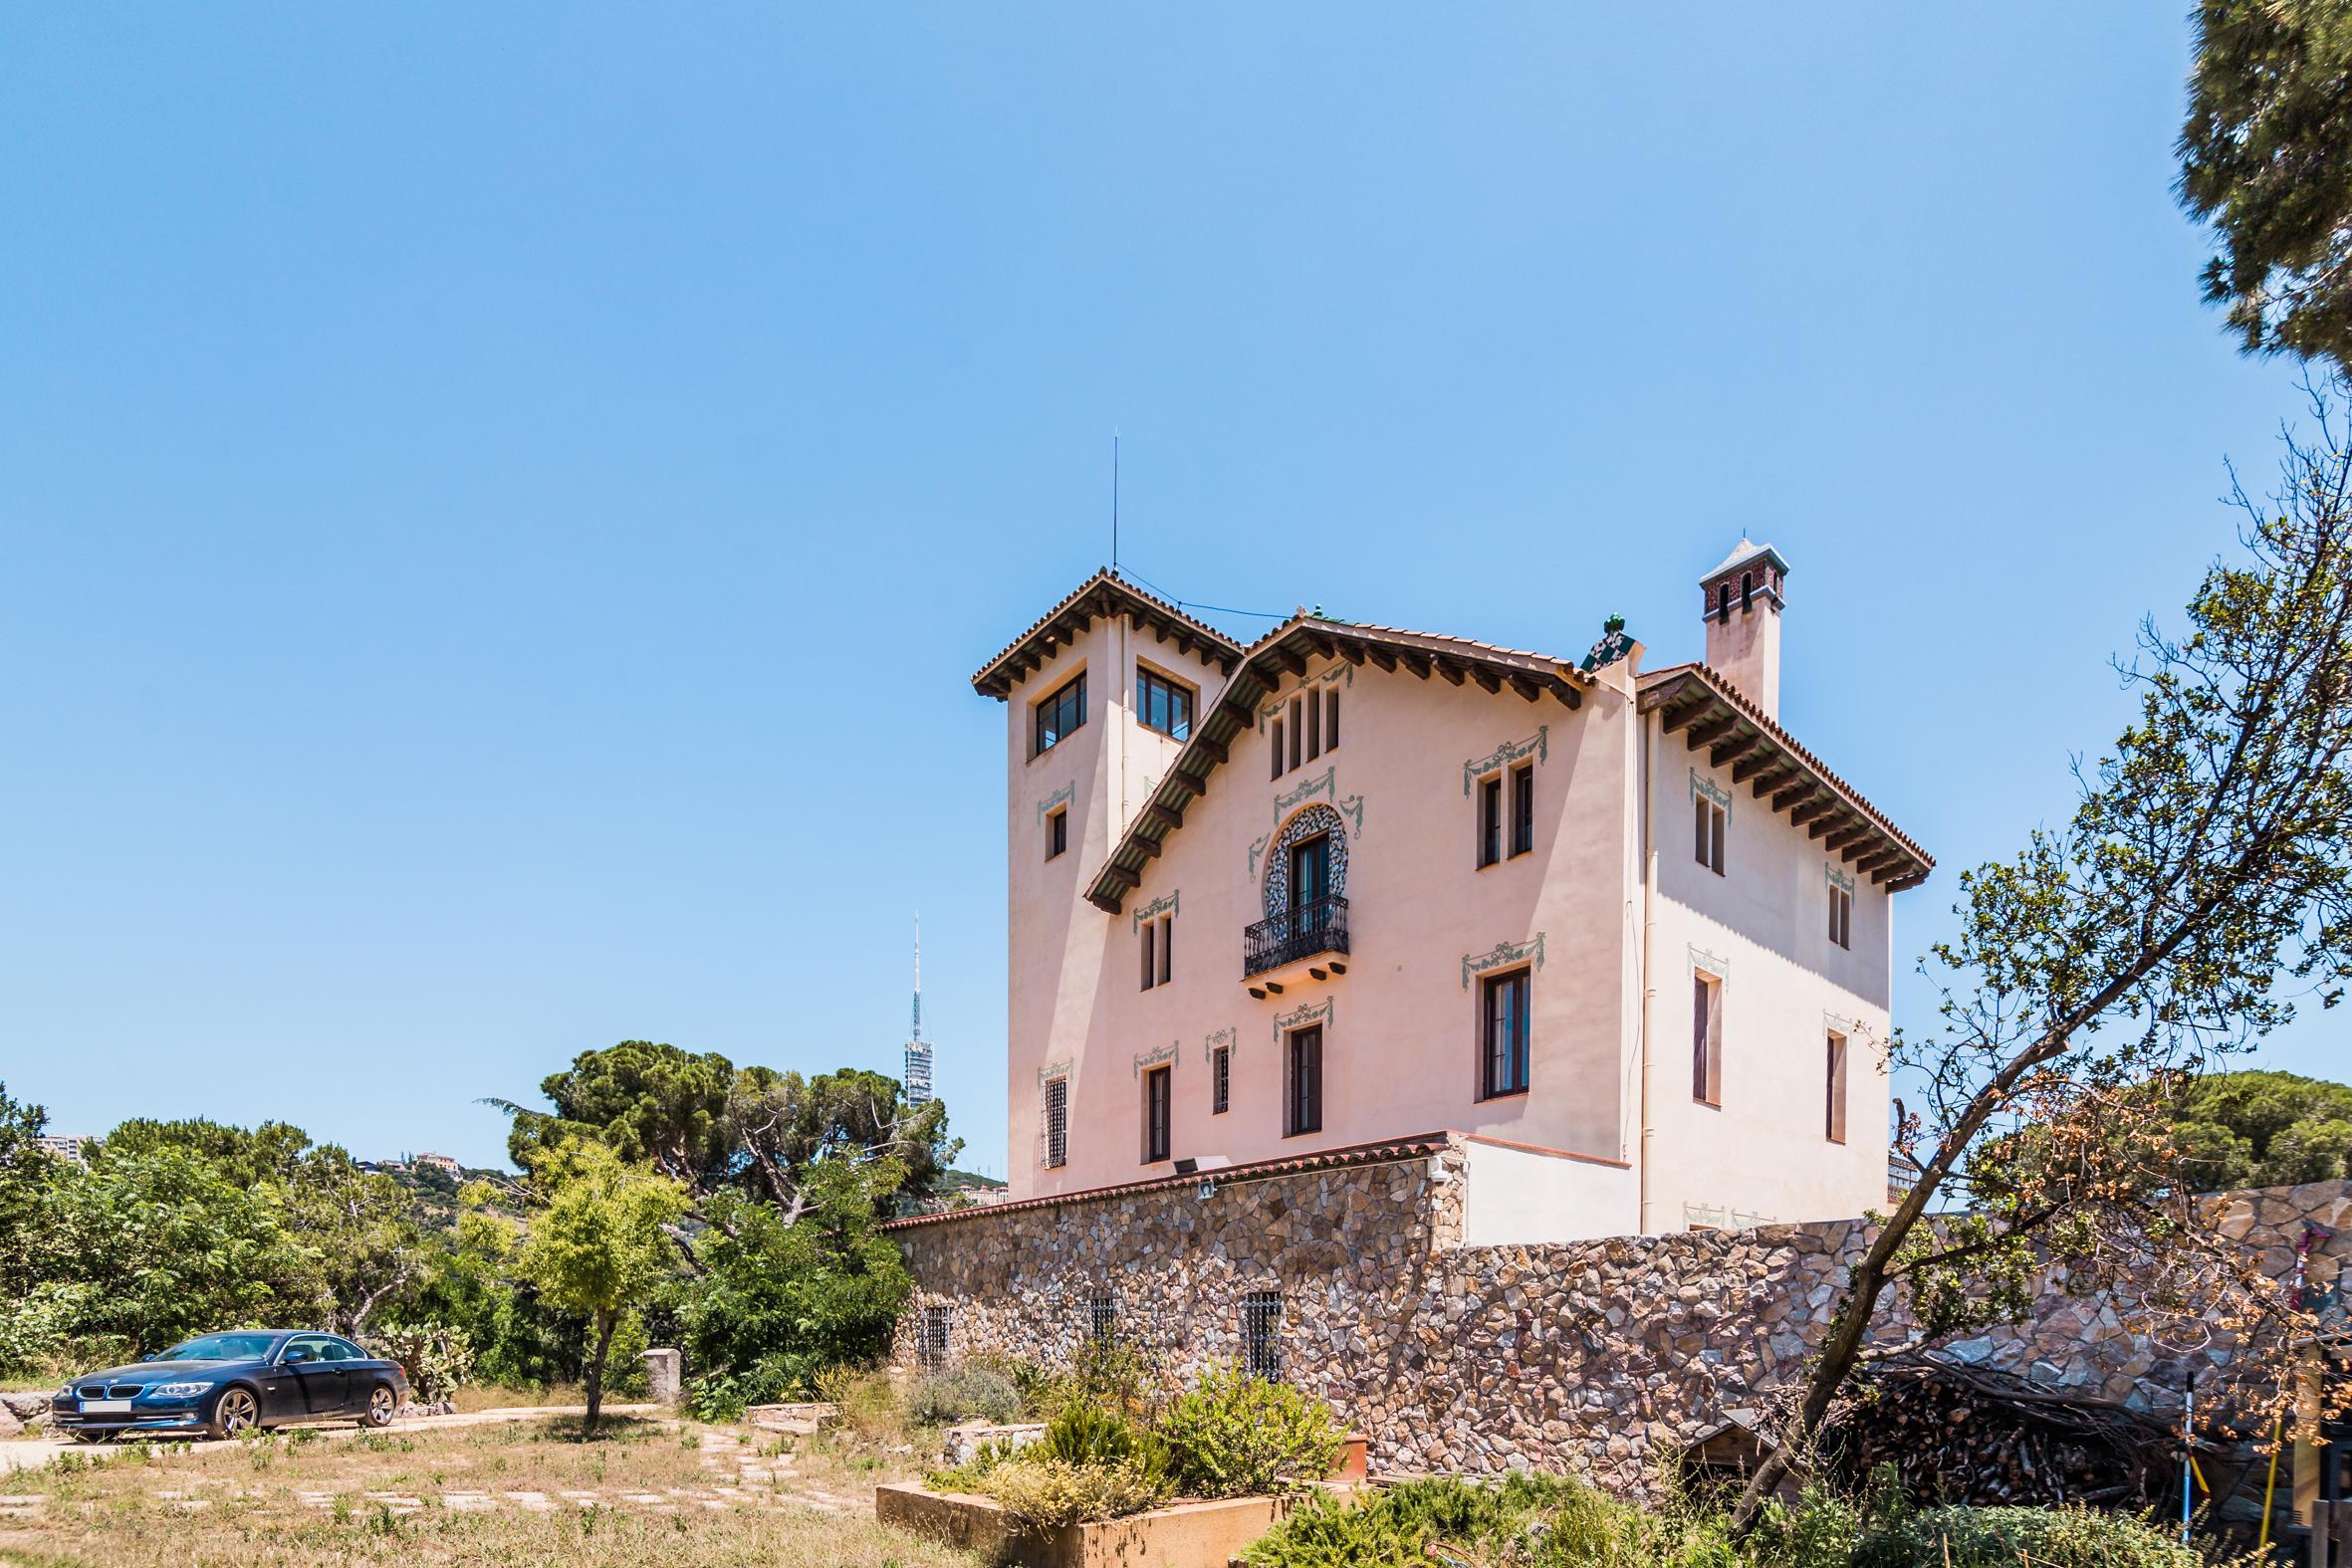 208148 Casa Aislada en venta en Sarrià-Sant Gervasi, Sarrià 1